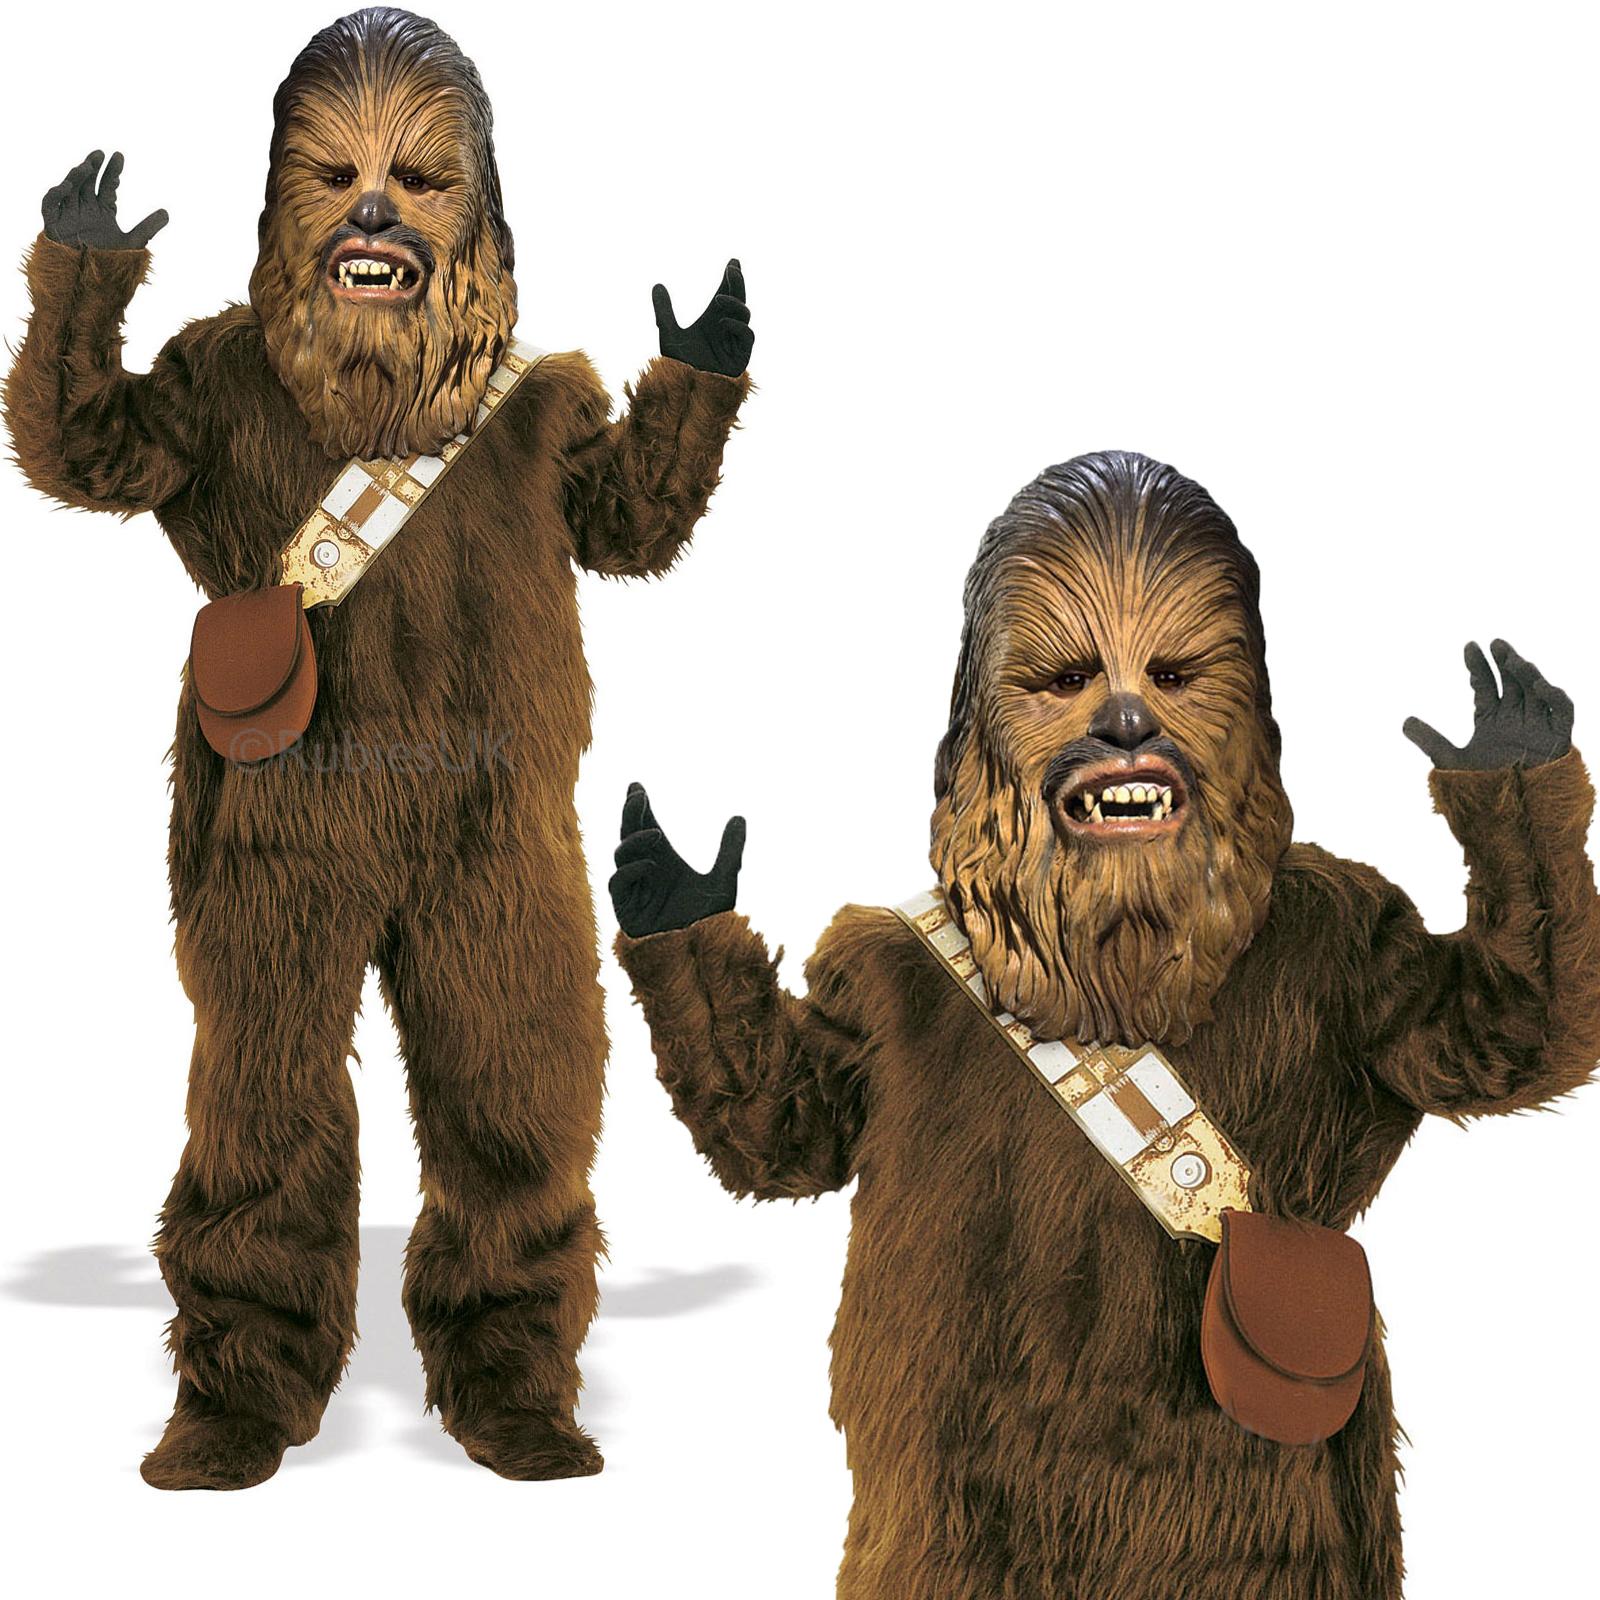 Chewbacca Costume Uk - Meningrey